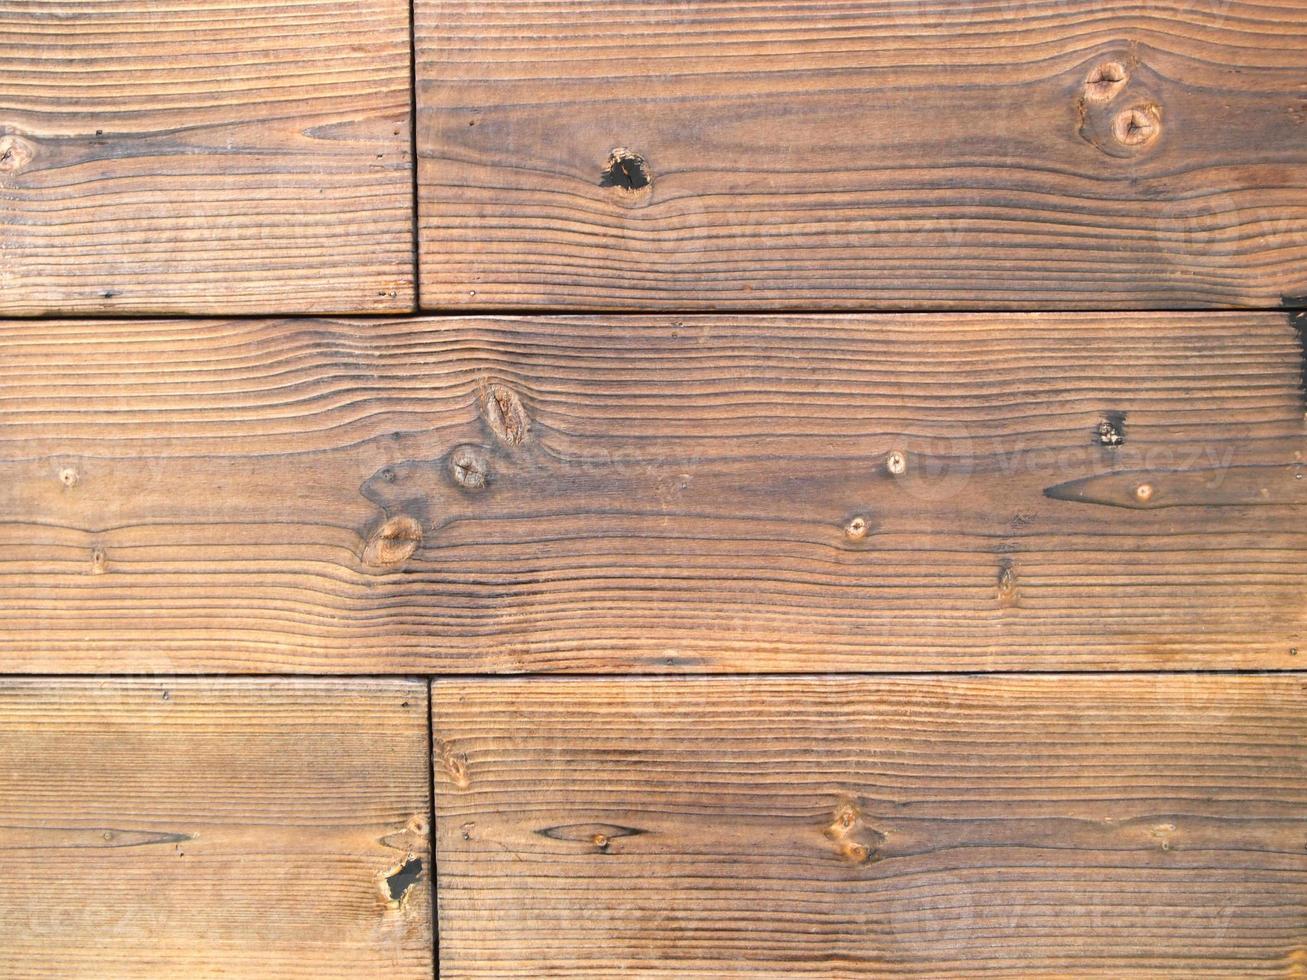 paneles de madera utilizados como fondo foto